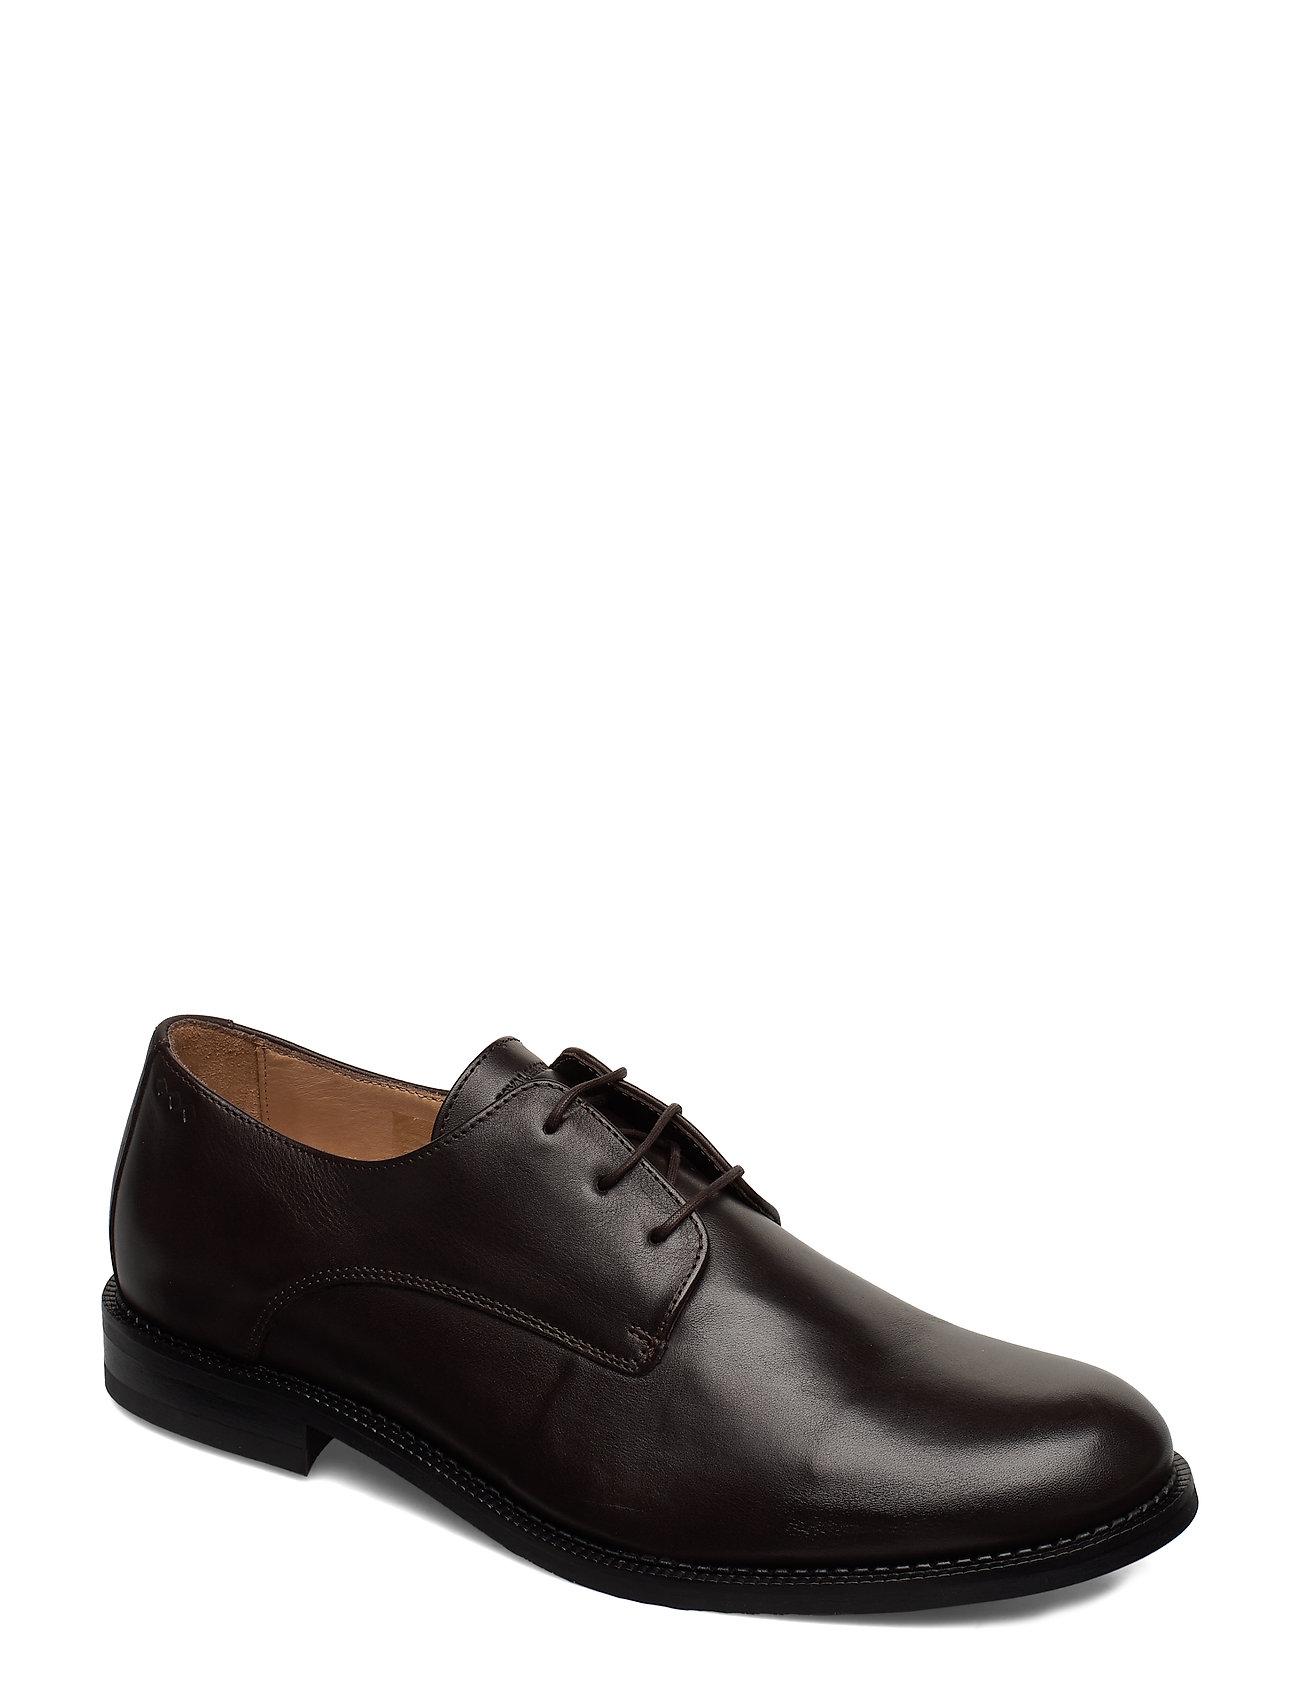 Image of Alias Classic Derby Shoe Shoes Business Laced Shoes Sort Royal RepubliQ (3318452727)